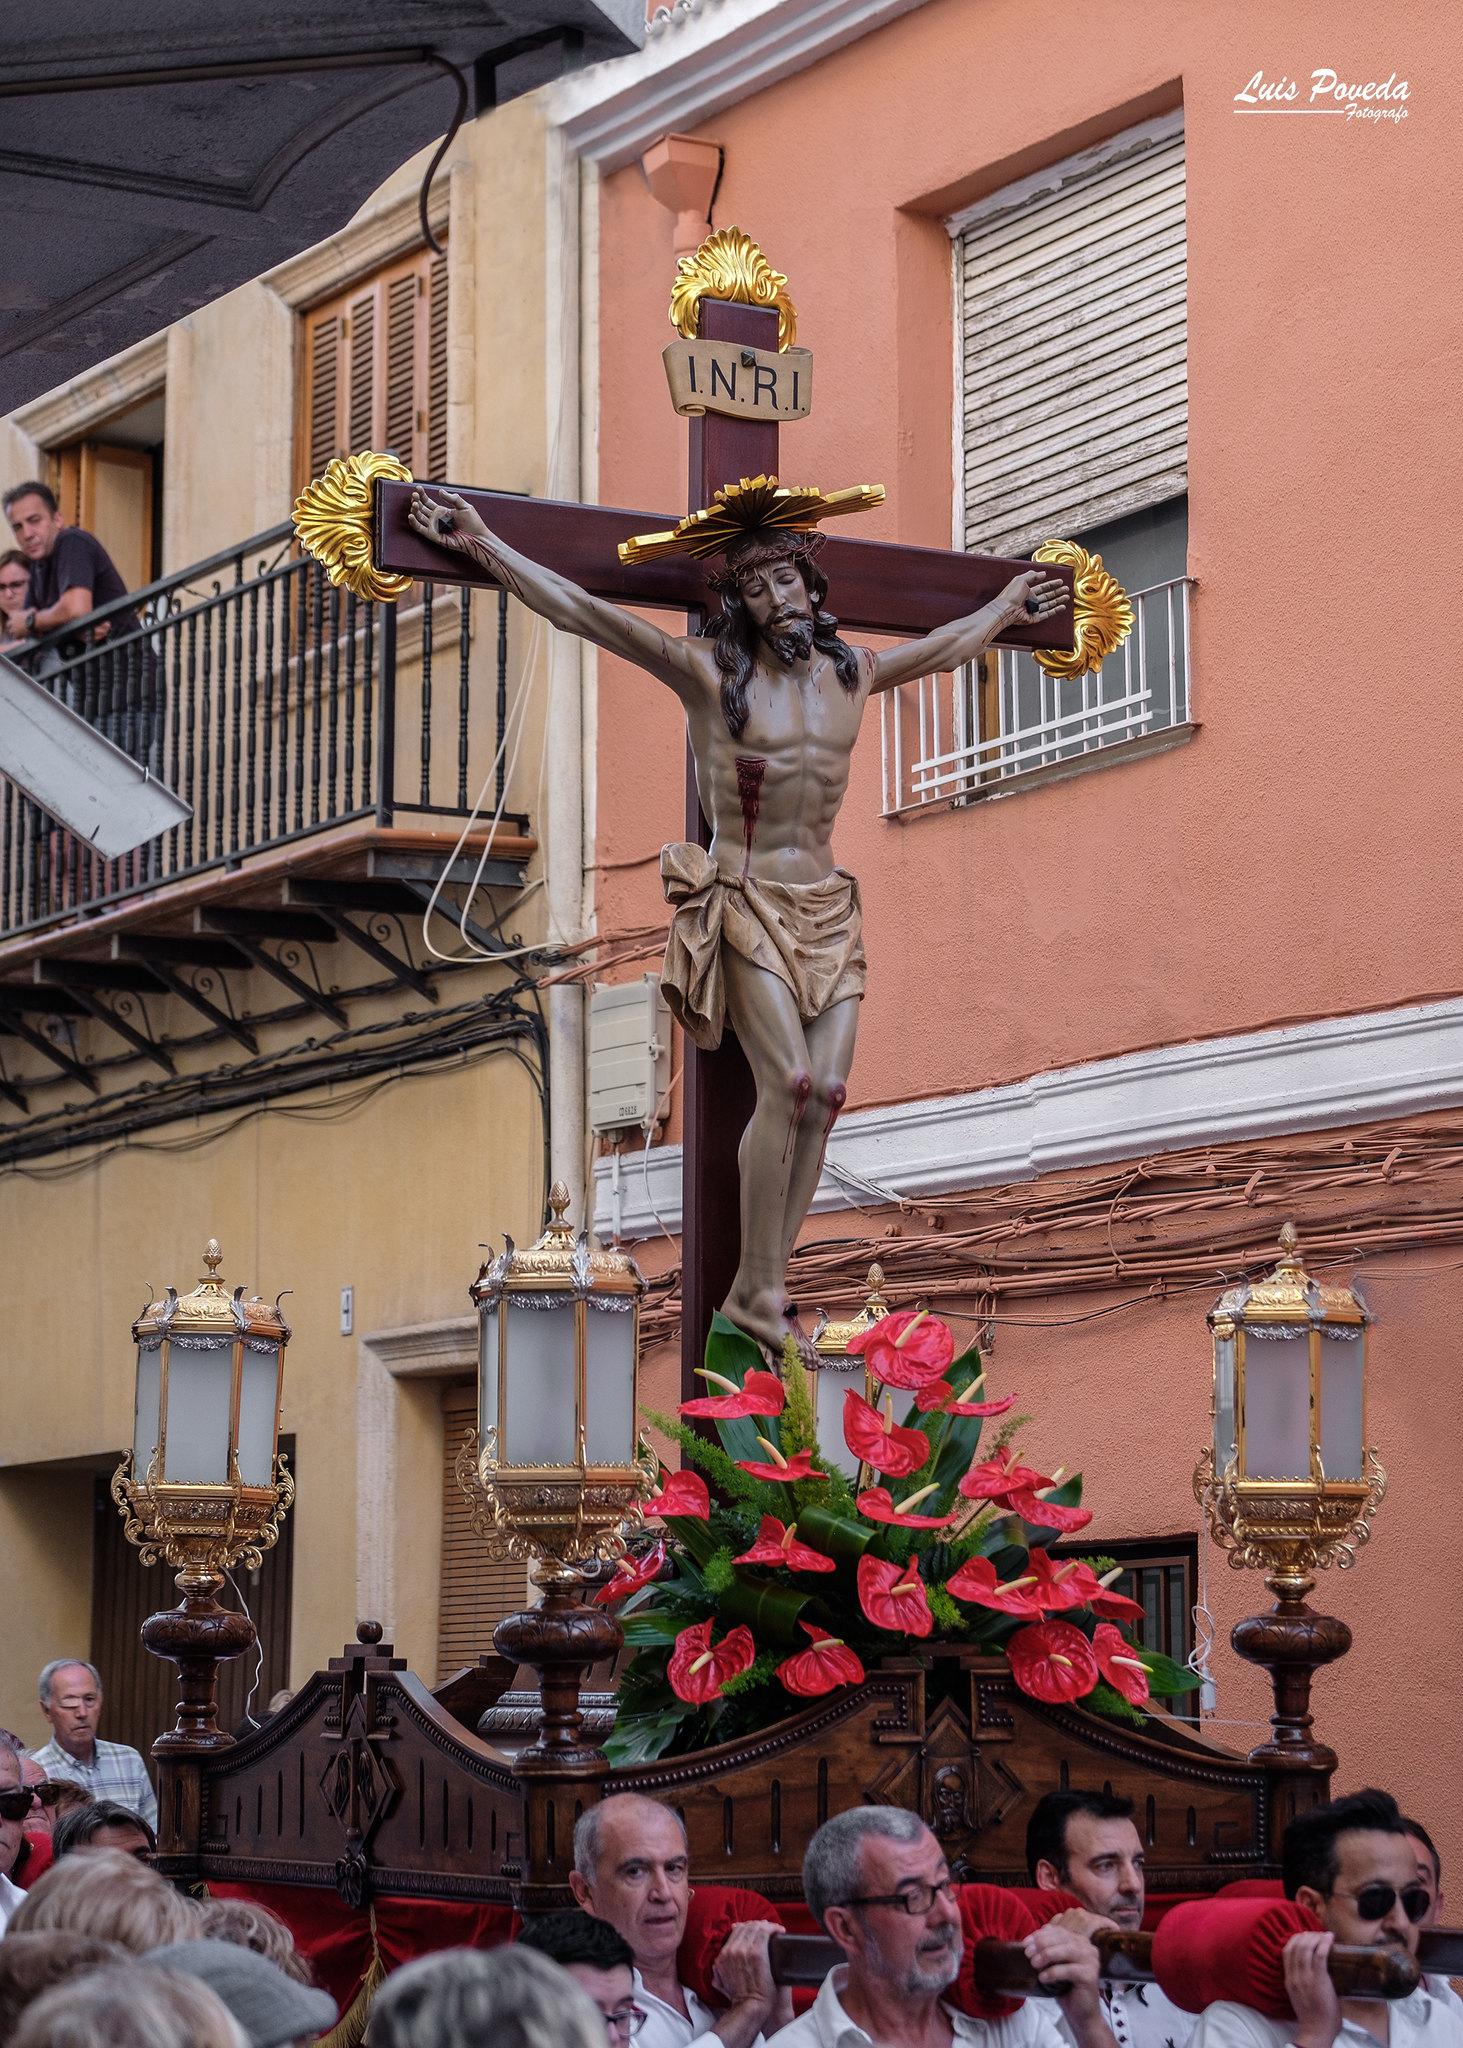 (2019-06-28) - Bajada en Romeria - Luis Poveda Galiano (012)